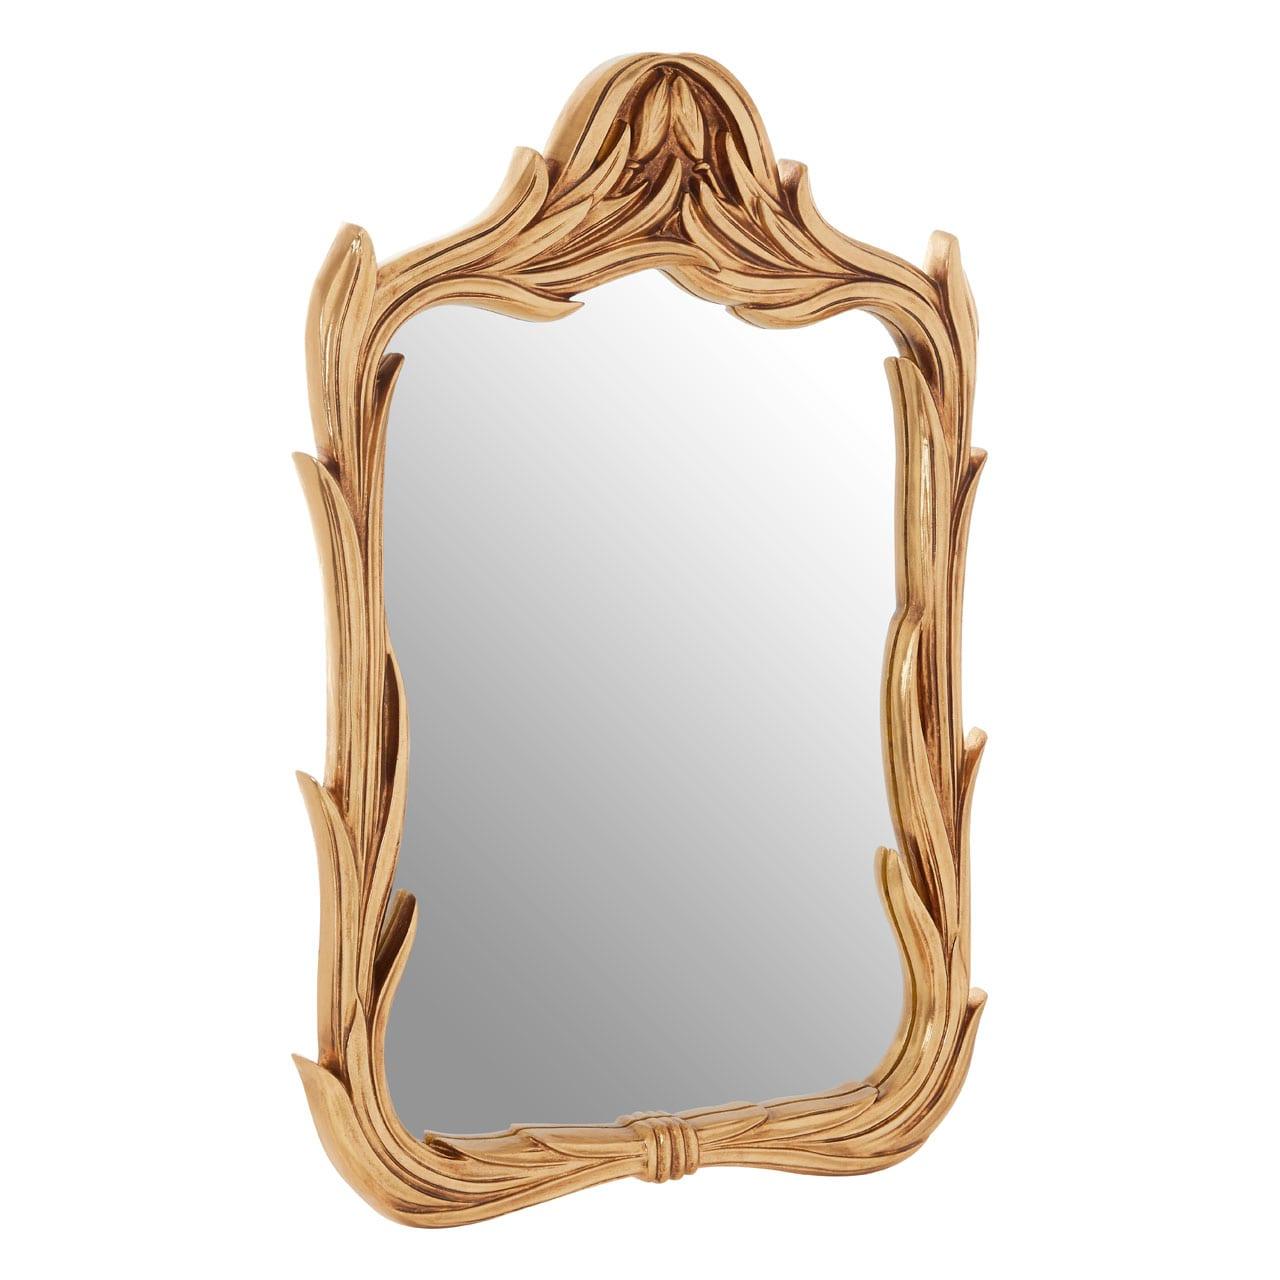 Cannes Gold Leaf Wreath Wall Mirror